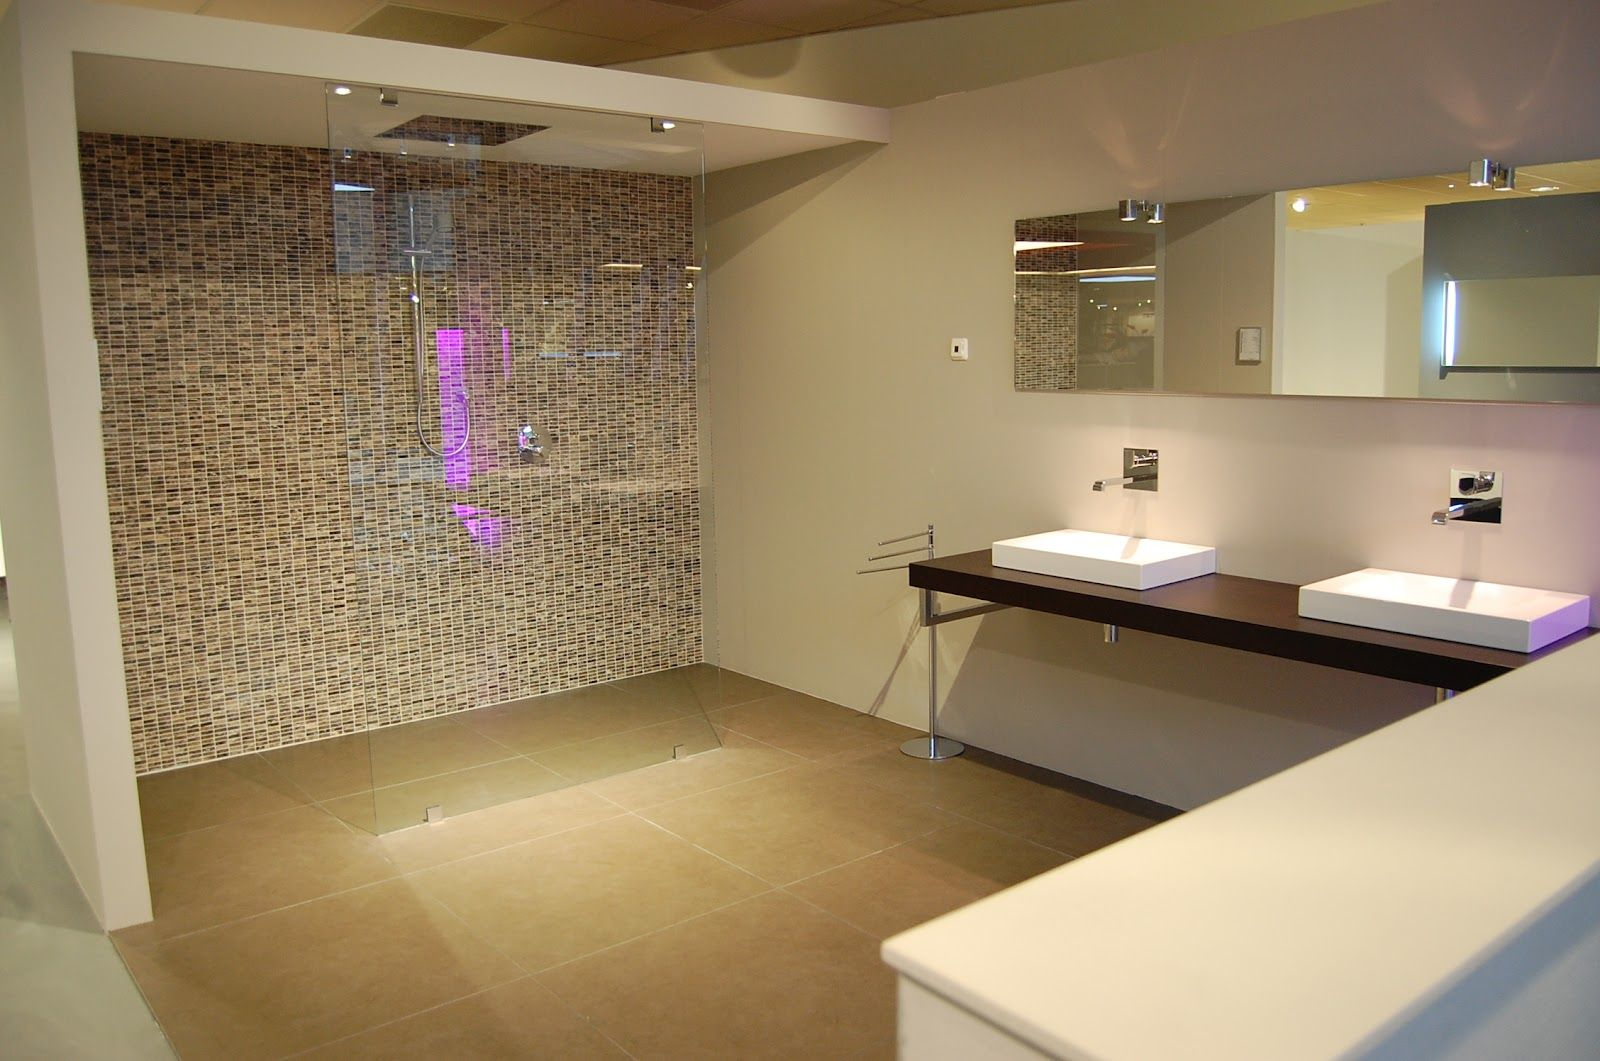 badkamer inloopdouche modern - Google zoeken   House decor ...